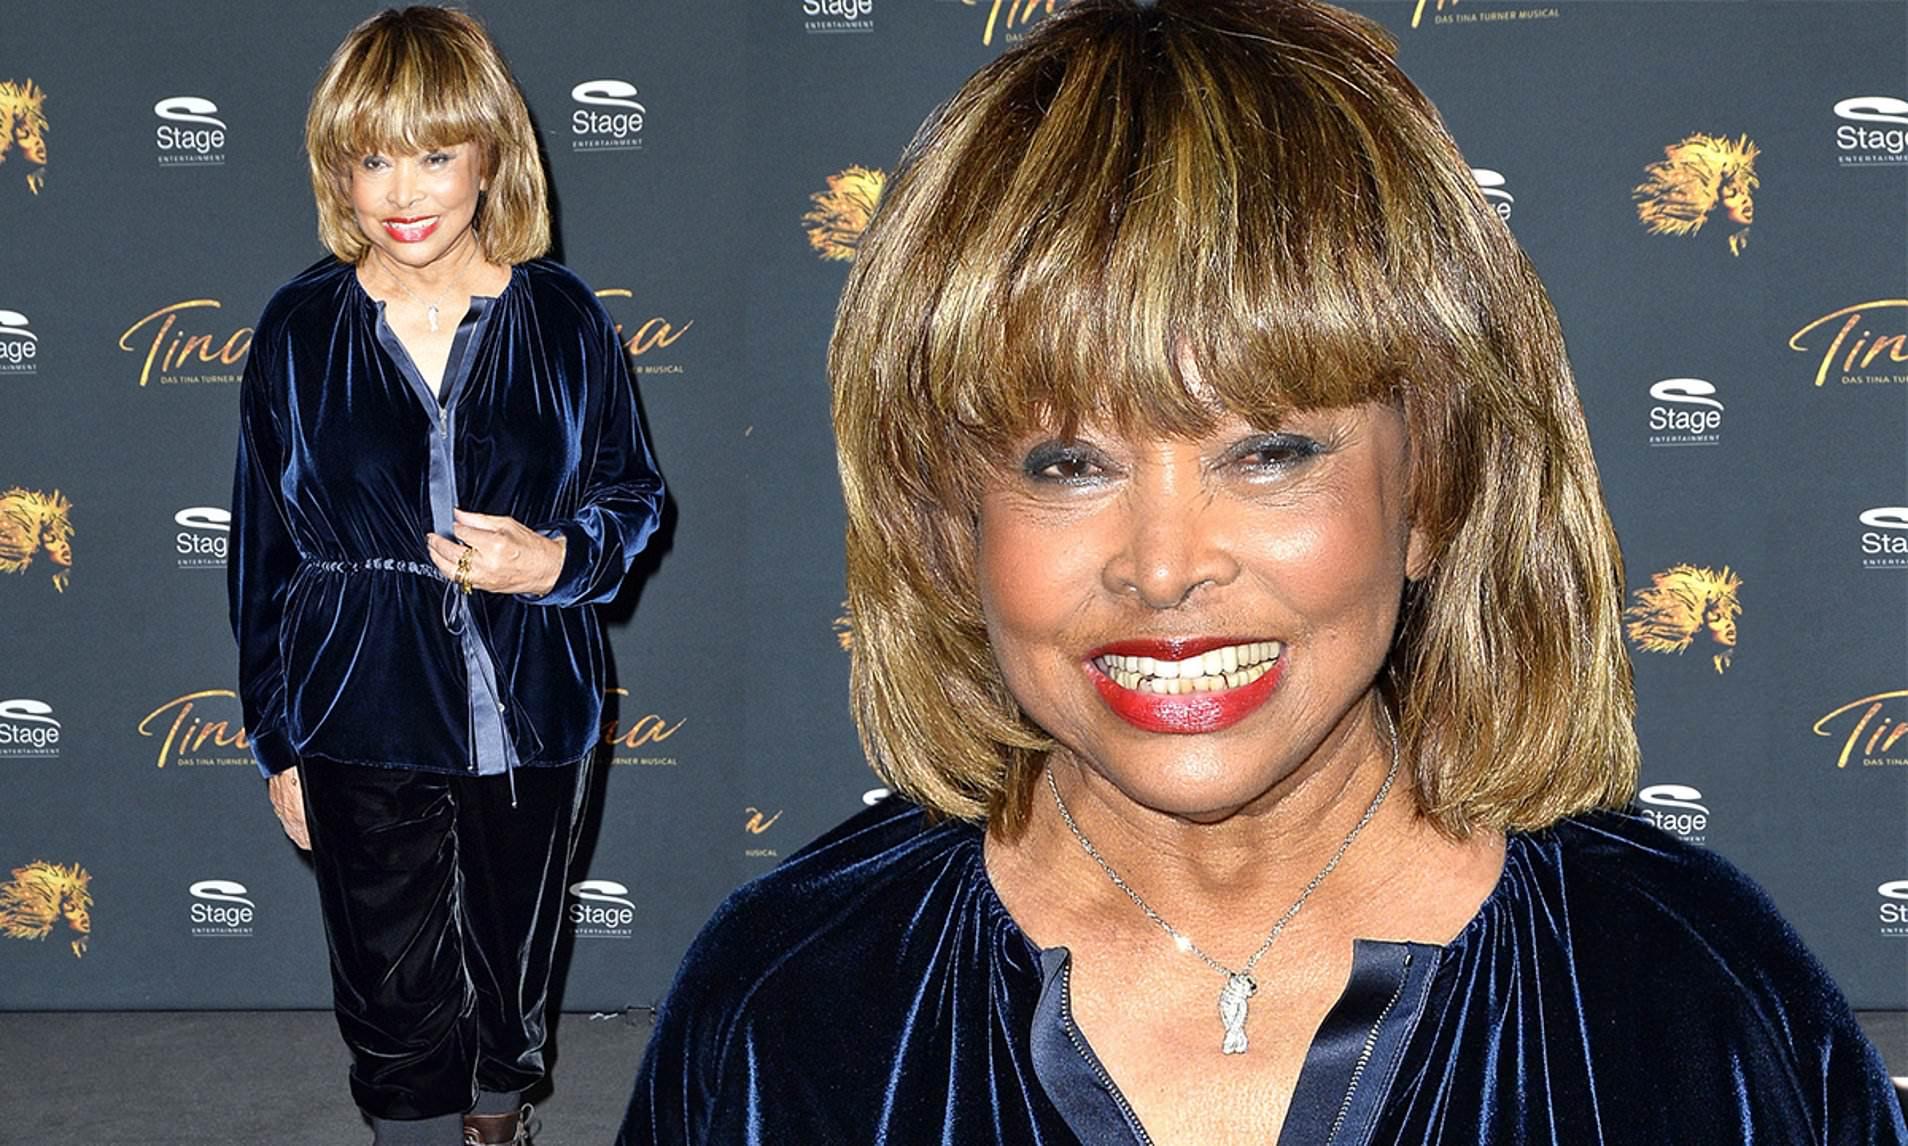 Tina Turner sagt ihren Fans an ihrem 80 jährigen Geburtstag, dass sie toll aussieht und sich gut fühlt